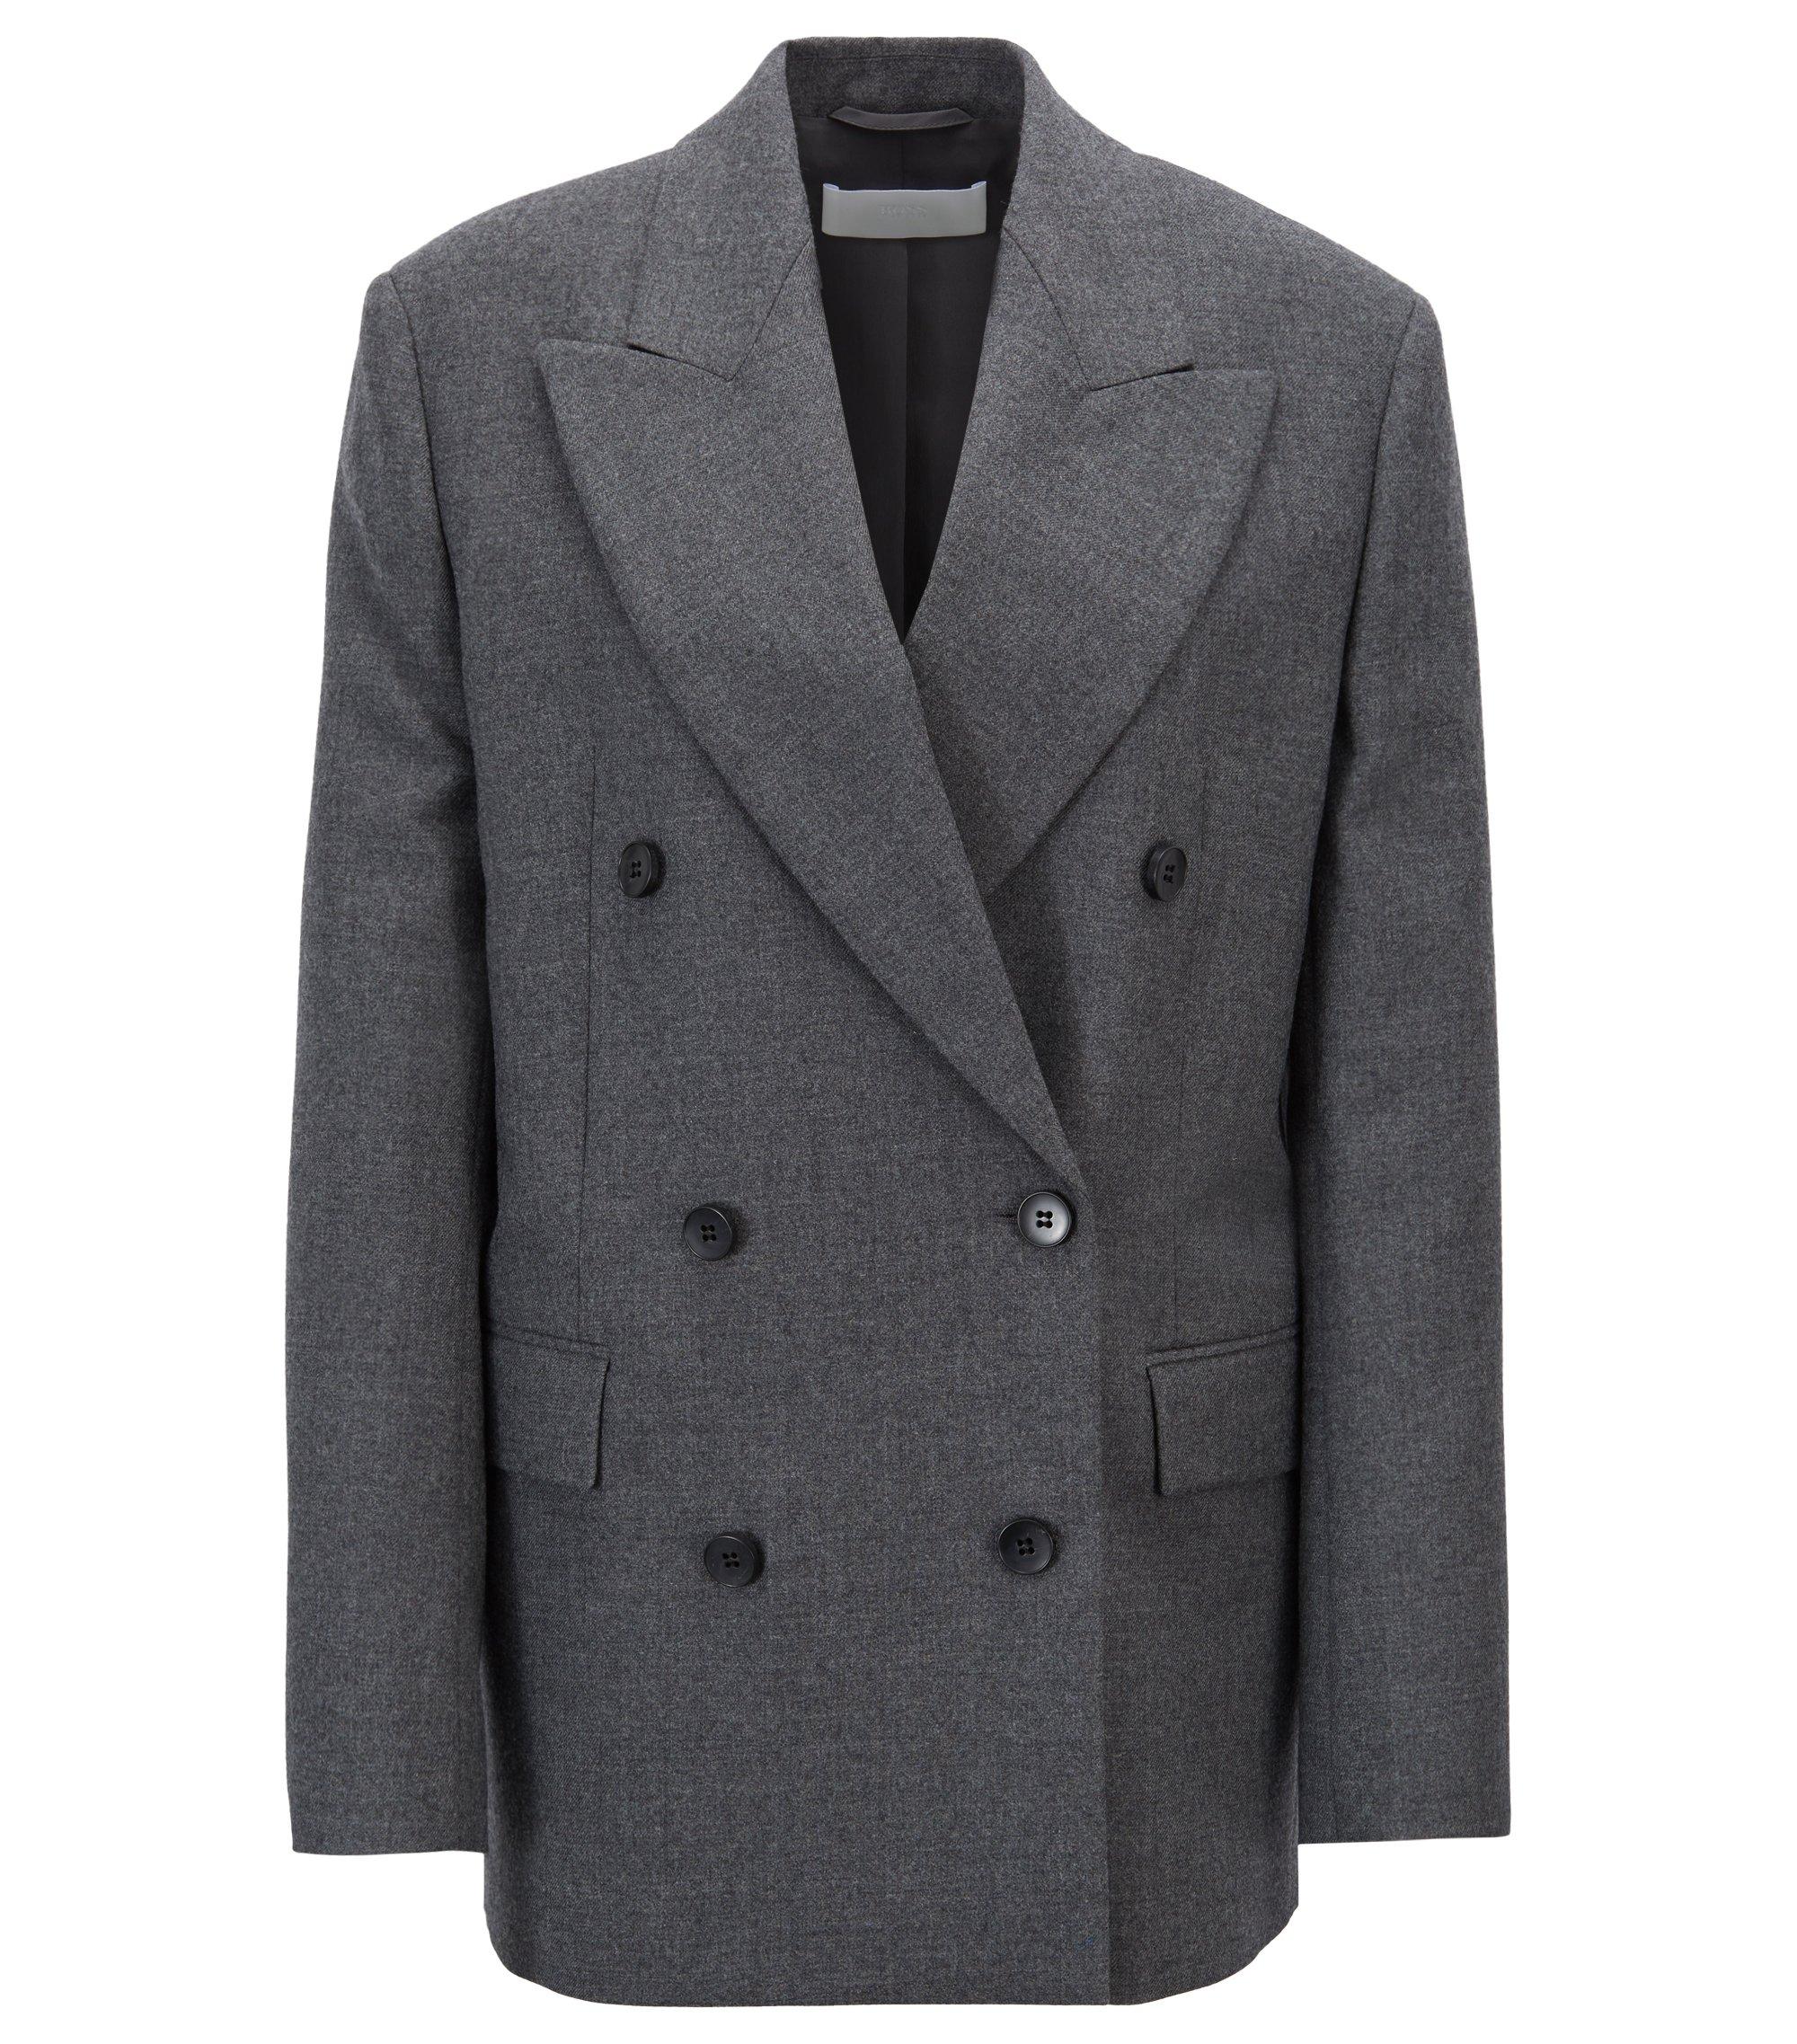 Blazer a doppiopetto dal taglio oversize in twill di lana vergine, Grigio antracite